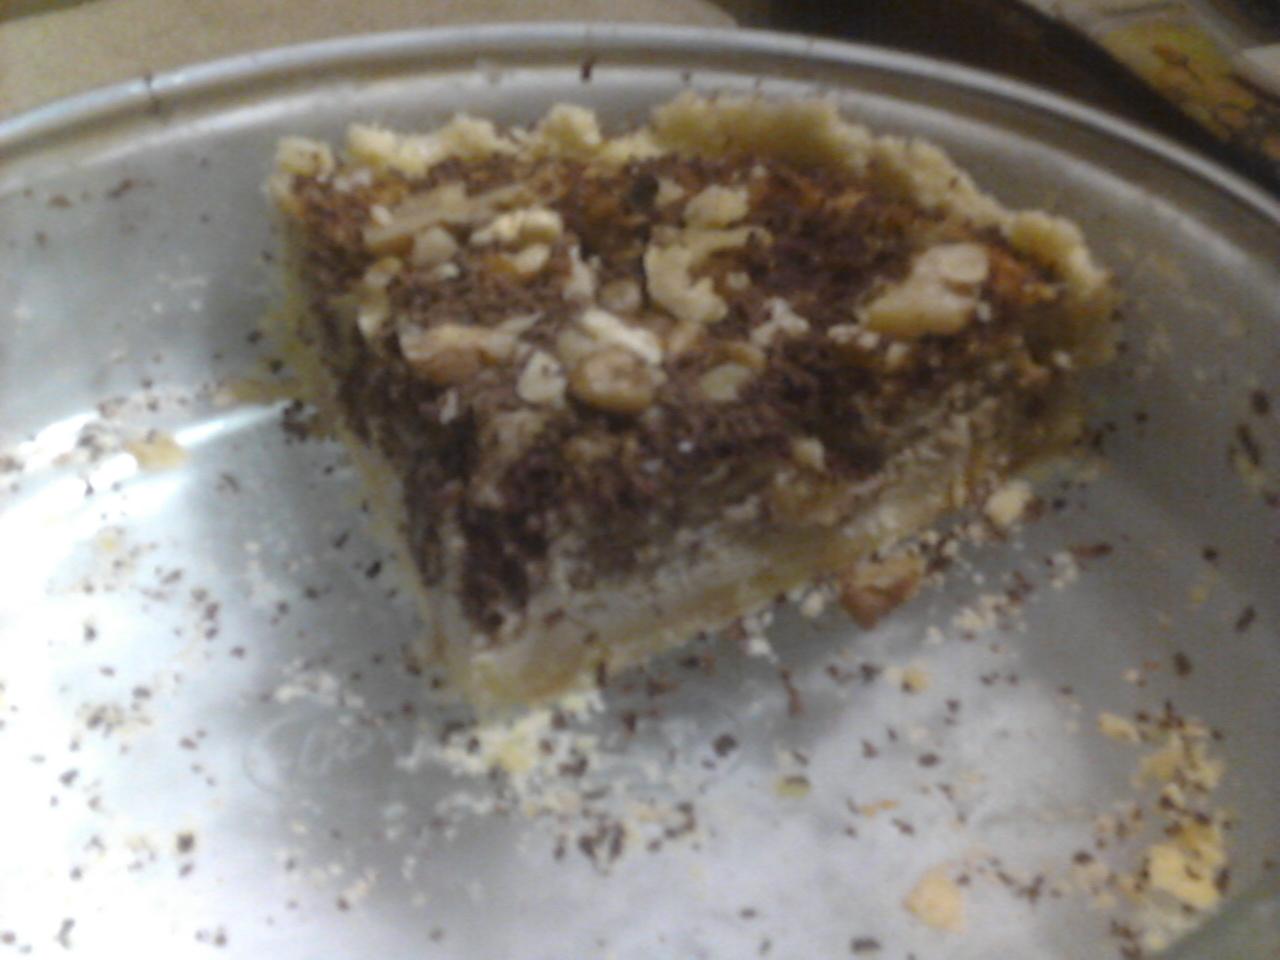 fragment of tart